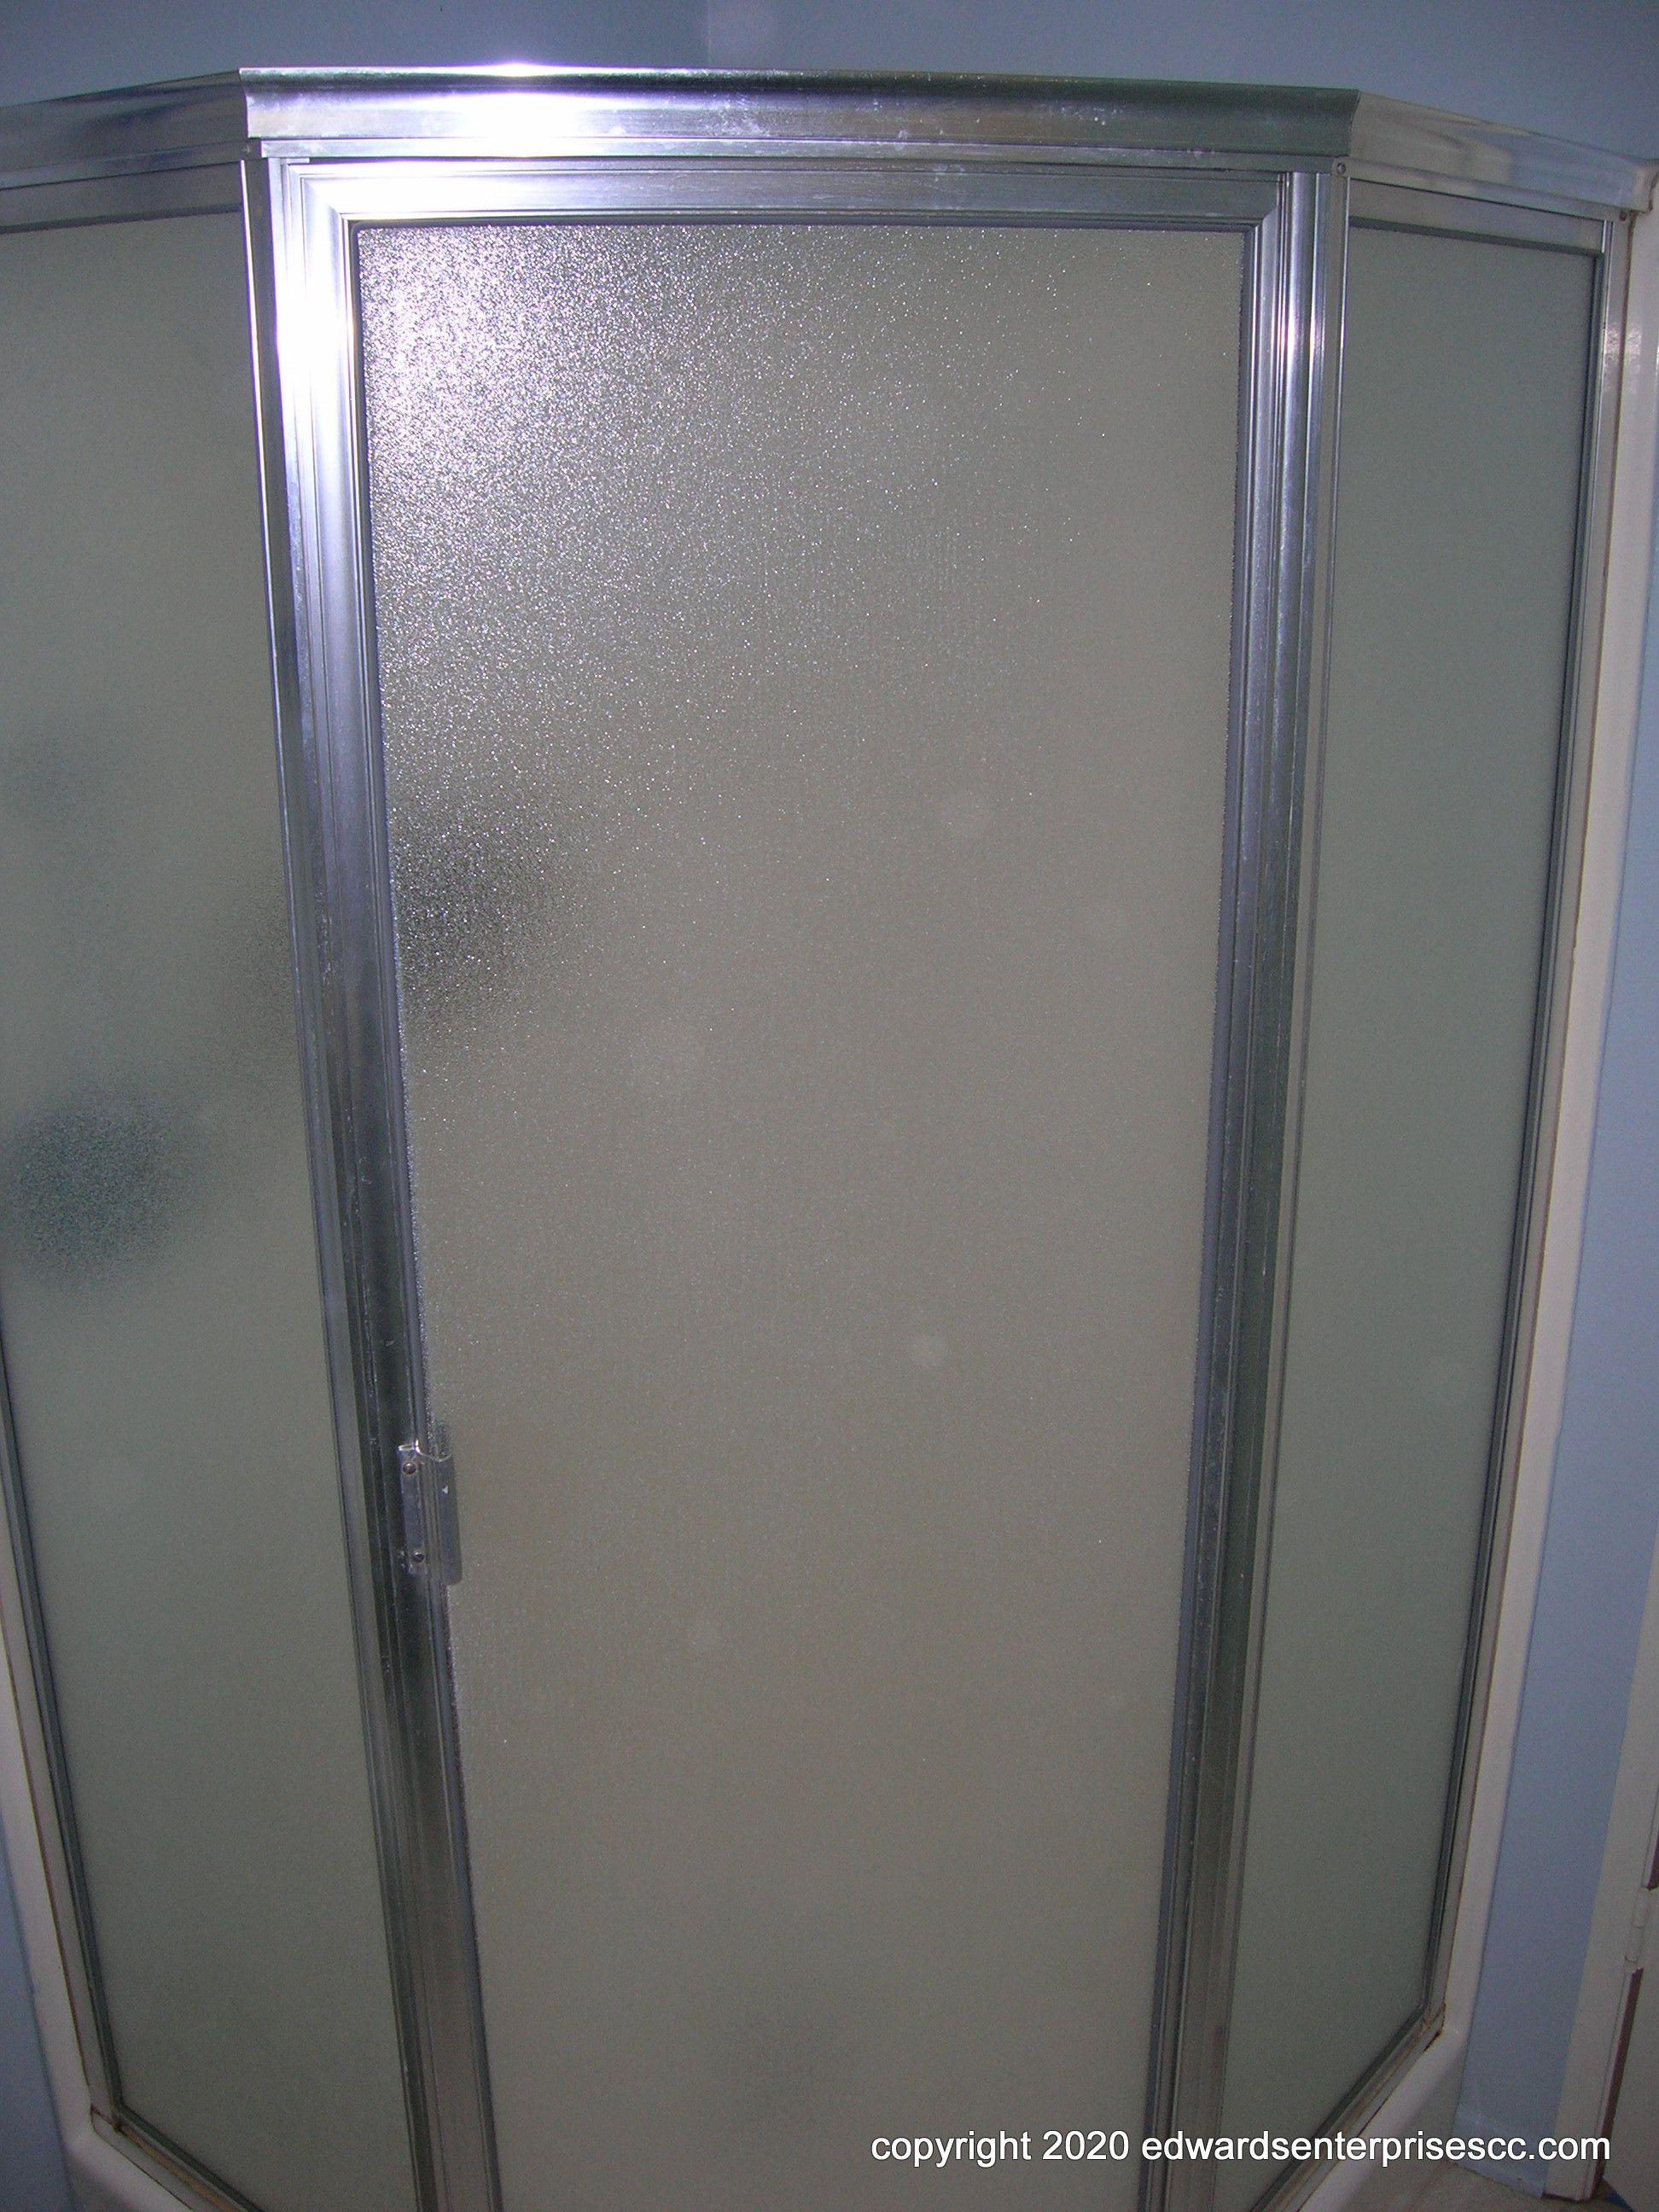 New shower doors in 2020 | Restroom remodel, Bathrooms ...